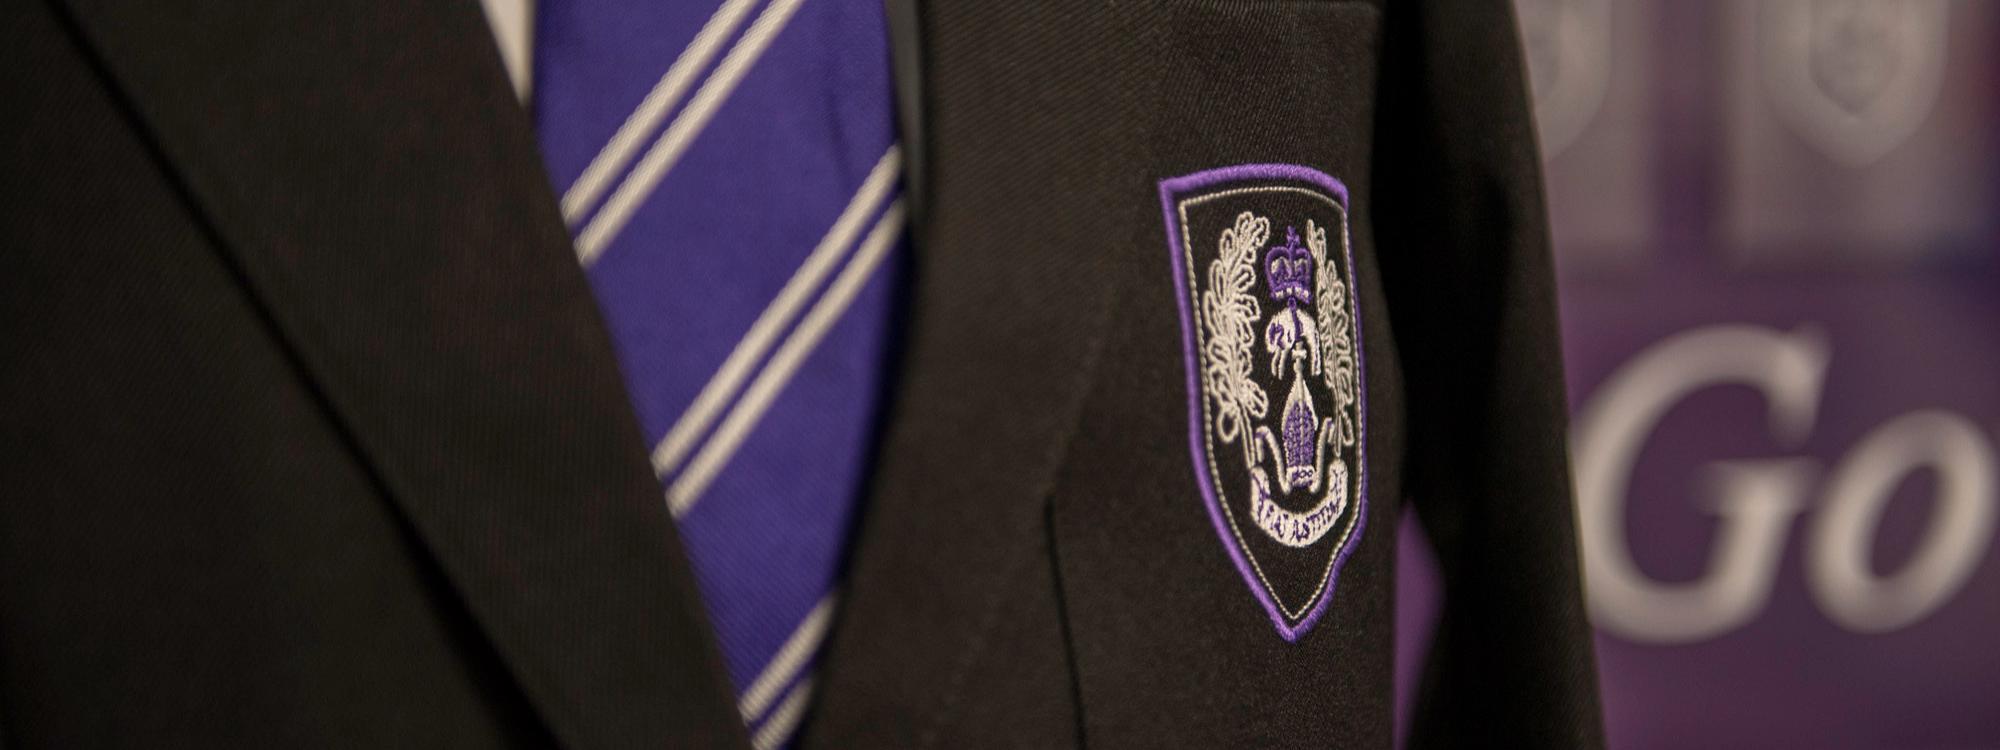 Uniform page